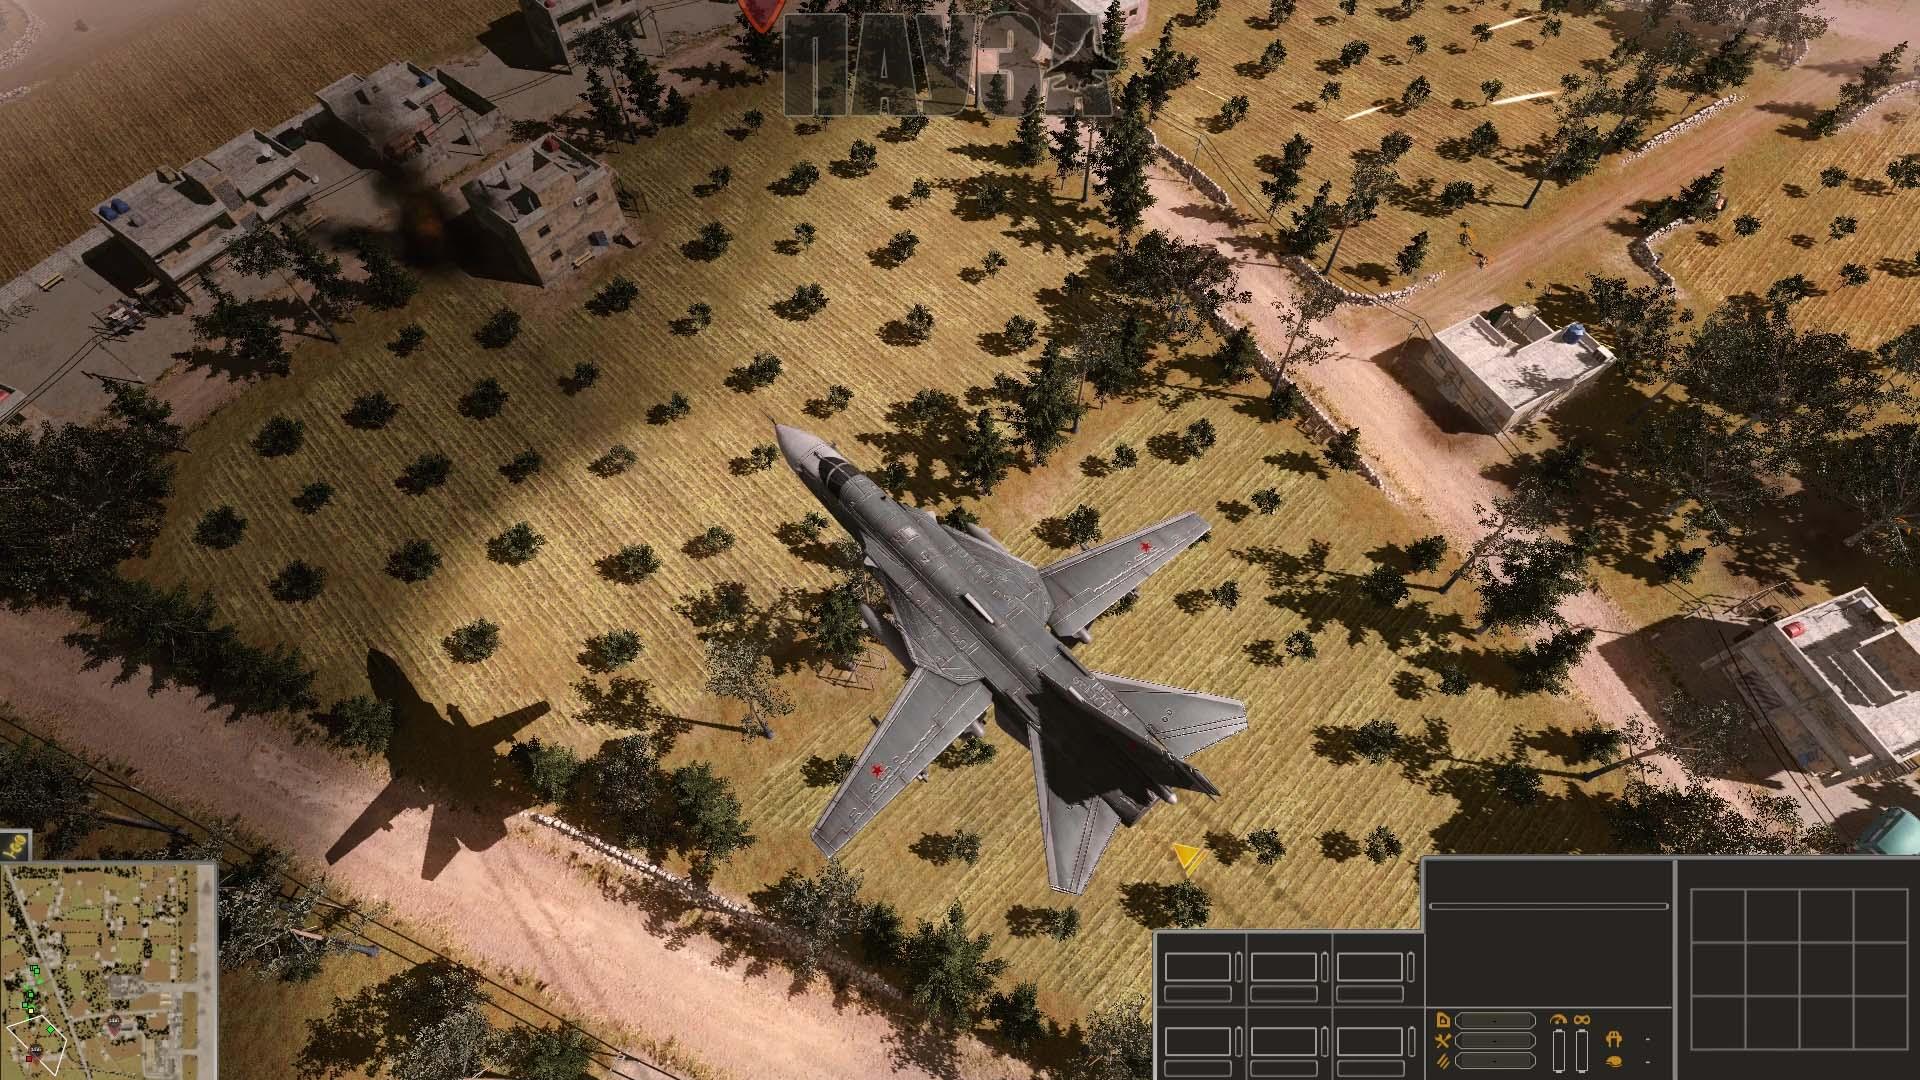 Syrian Warfare Screenshot 3